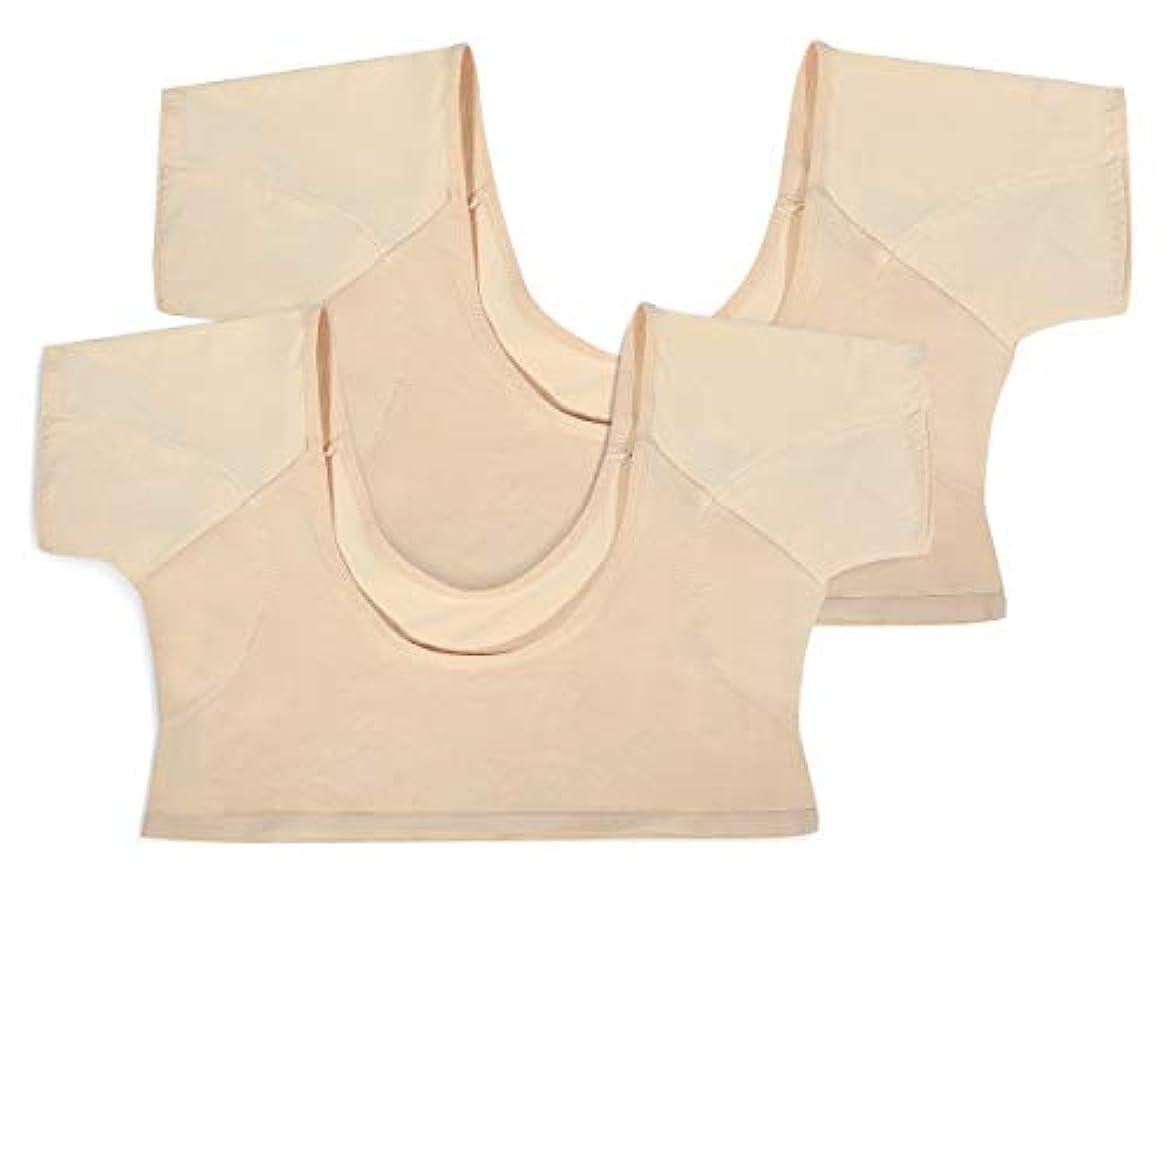 会計士兄打たれたトラックLC-dolida レディースインナーシャツ 2枚組み 脇汗パッド付き ワキさらり 色透け難い 極薄 吸水速乾 汗取りパッド(Lサイズ)